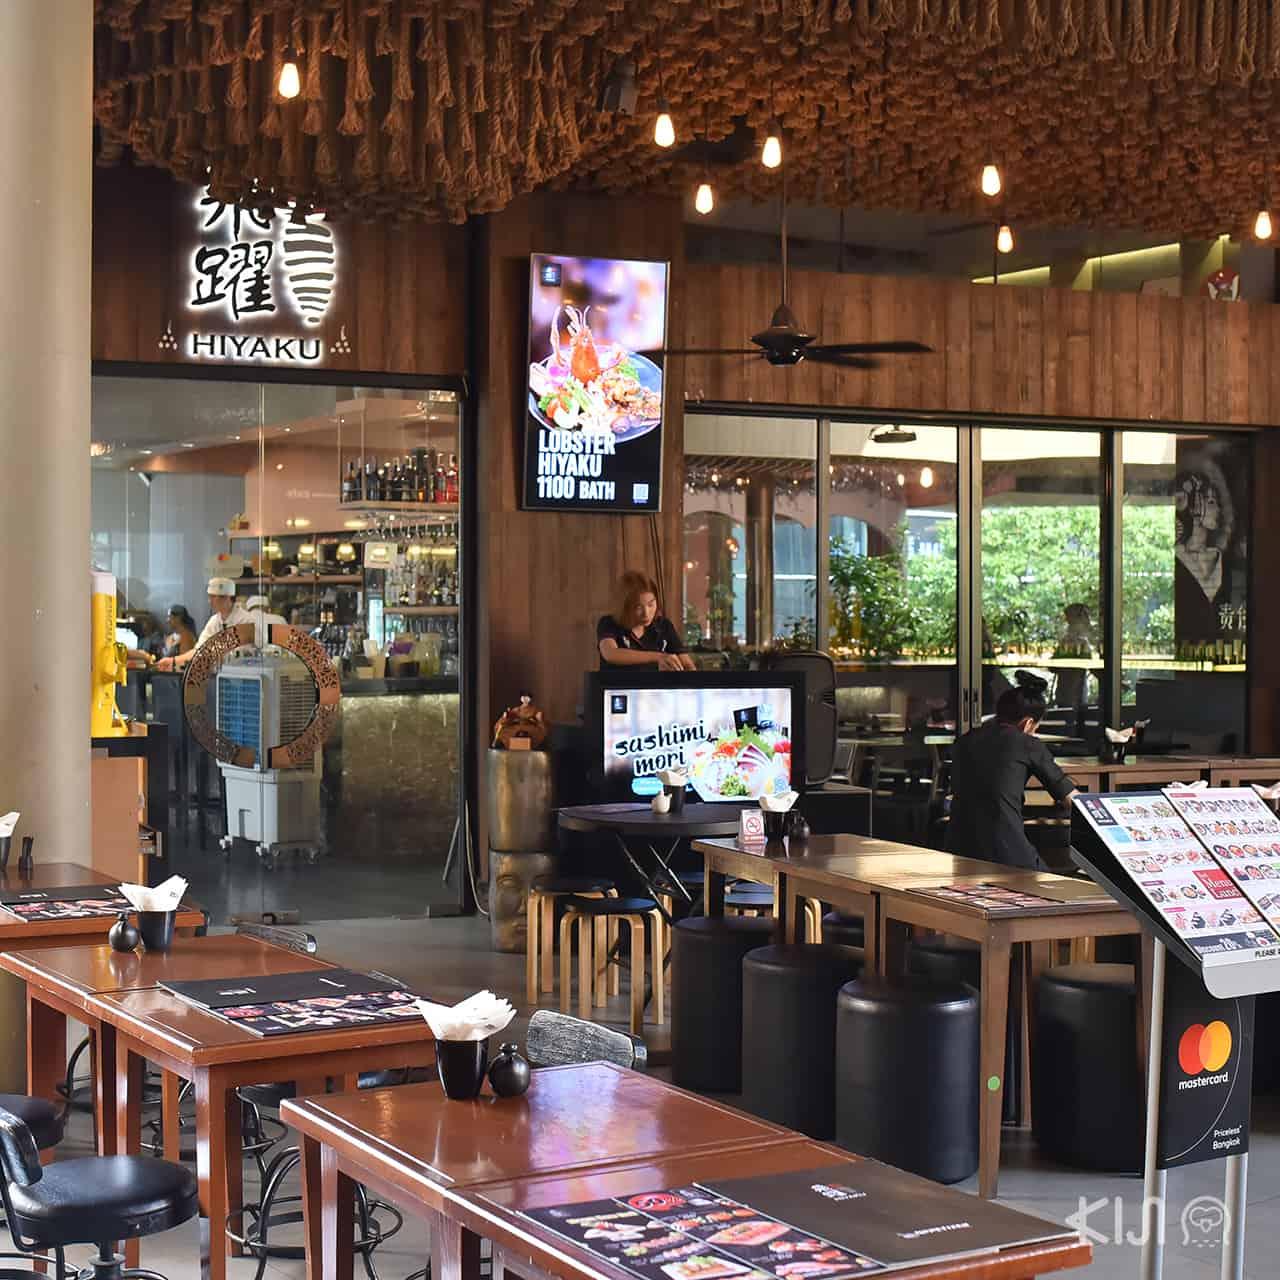 Hiyaku Restaurant